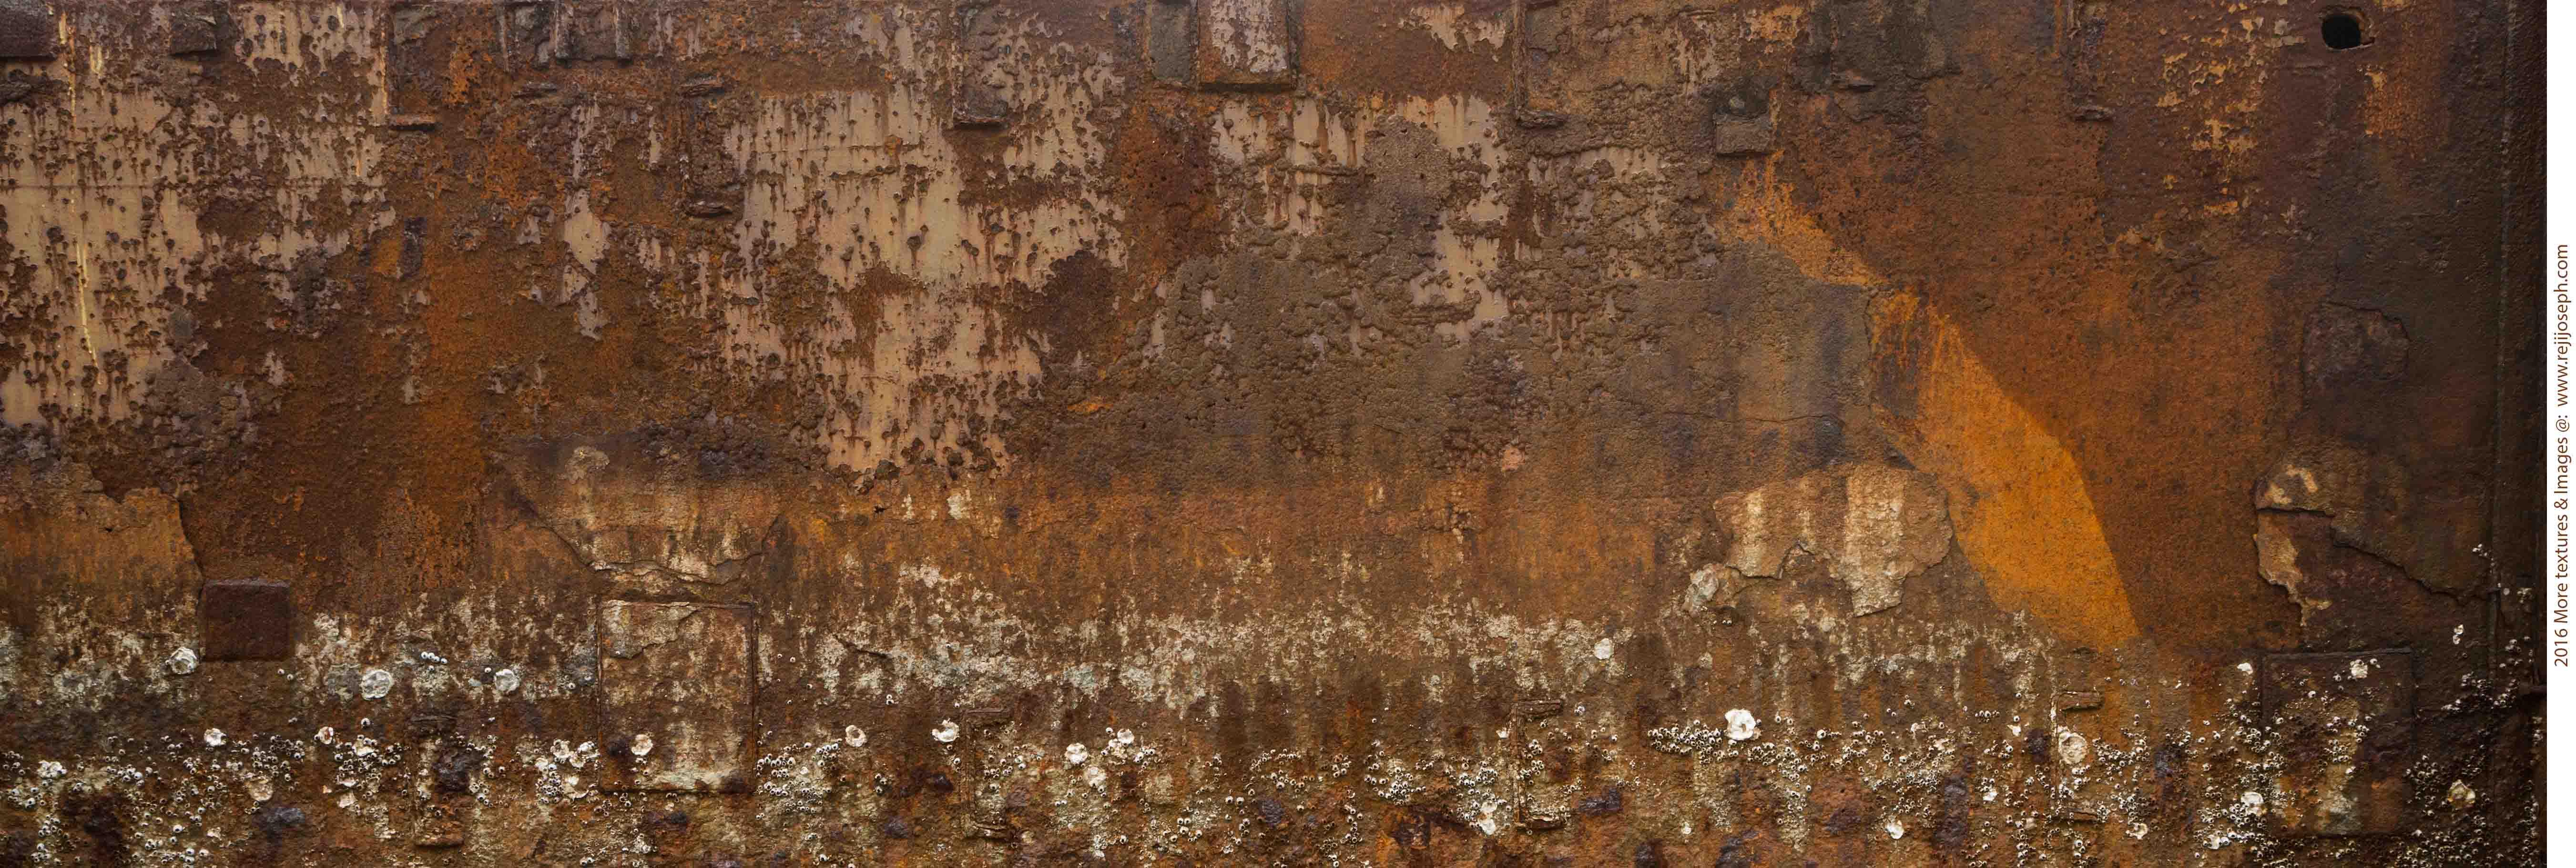 Rusty metal texture 00011